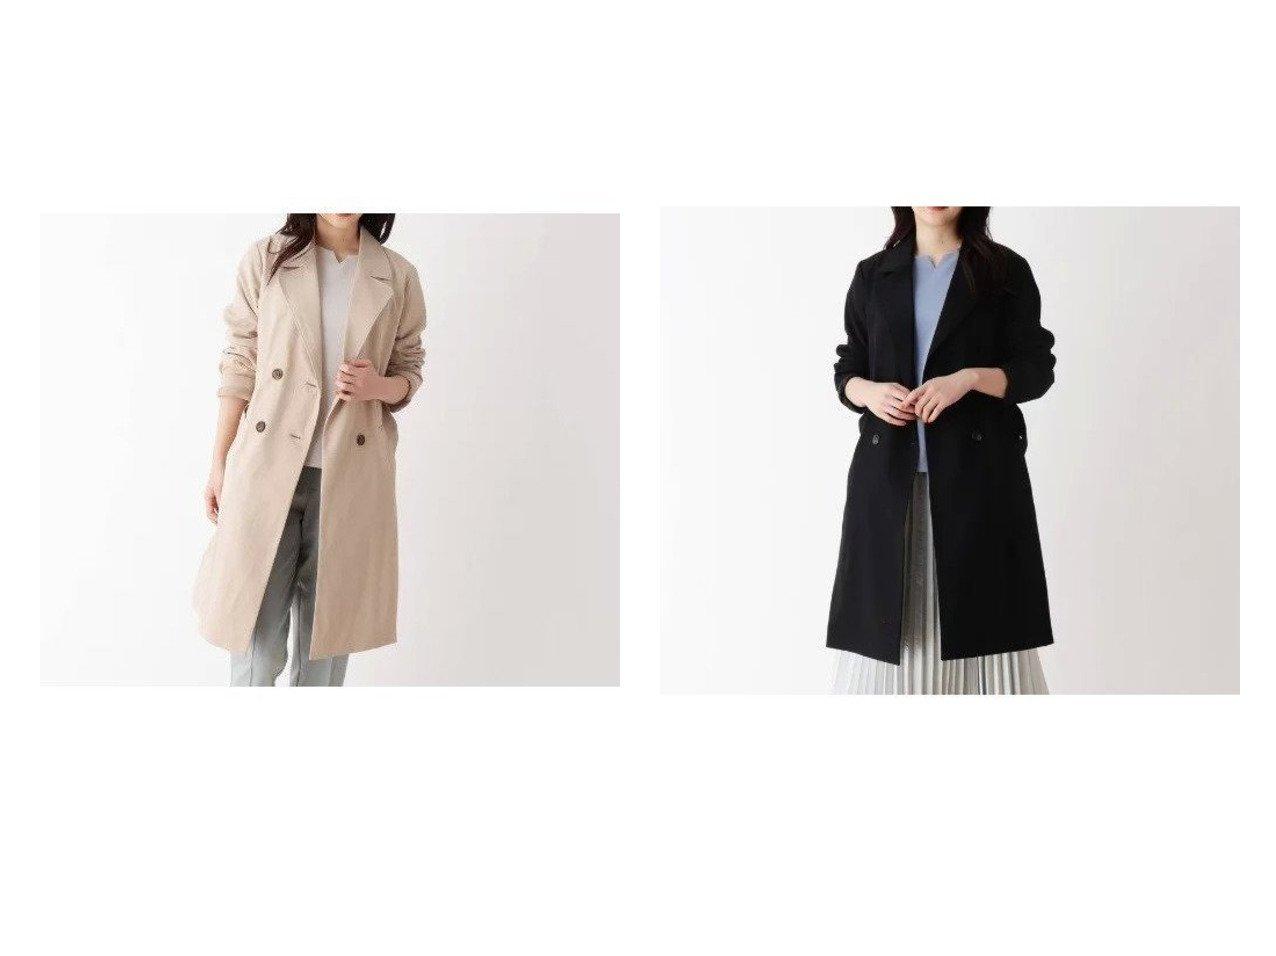 【SHOO LA RUE / DRESKIP/シューラルー ドレスキップ】の【抗菌・撥水】トレンチコート アウターのおすすめ!人気、トレンド・レディースファッションの通販 おすすめで人気の流行・トレンド、ファッションの通販商品 メンズファッション・キッズファッション・インテリア・家具・レディースファッション・服の通販 founy(ファニー) https://founy.com/ ファッション Fashion レディースファッション WOMEN アウター Coat Outerwear コート Coats トレンチコート Trench Coats クラシカル ポケット 抗菌  ID:crp329100000023586